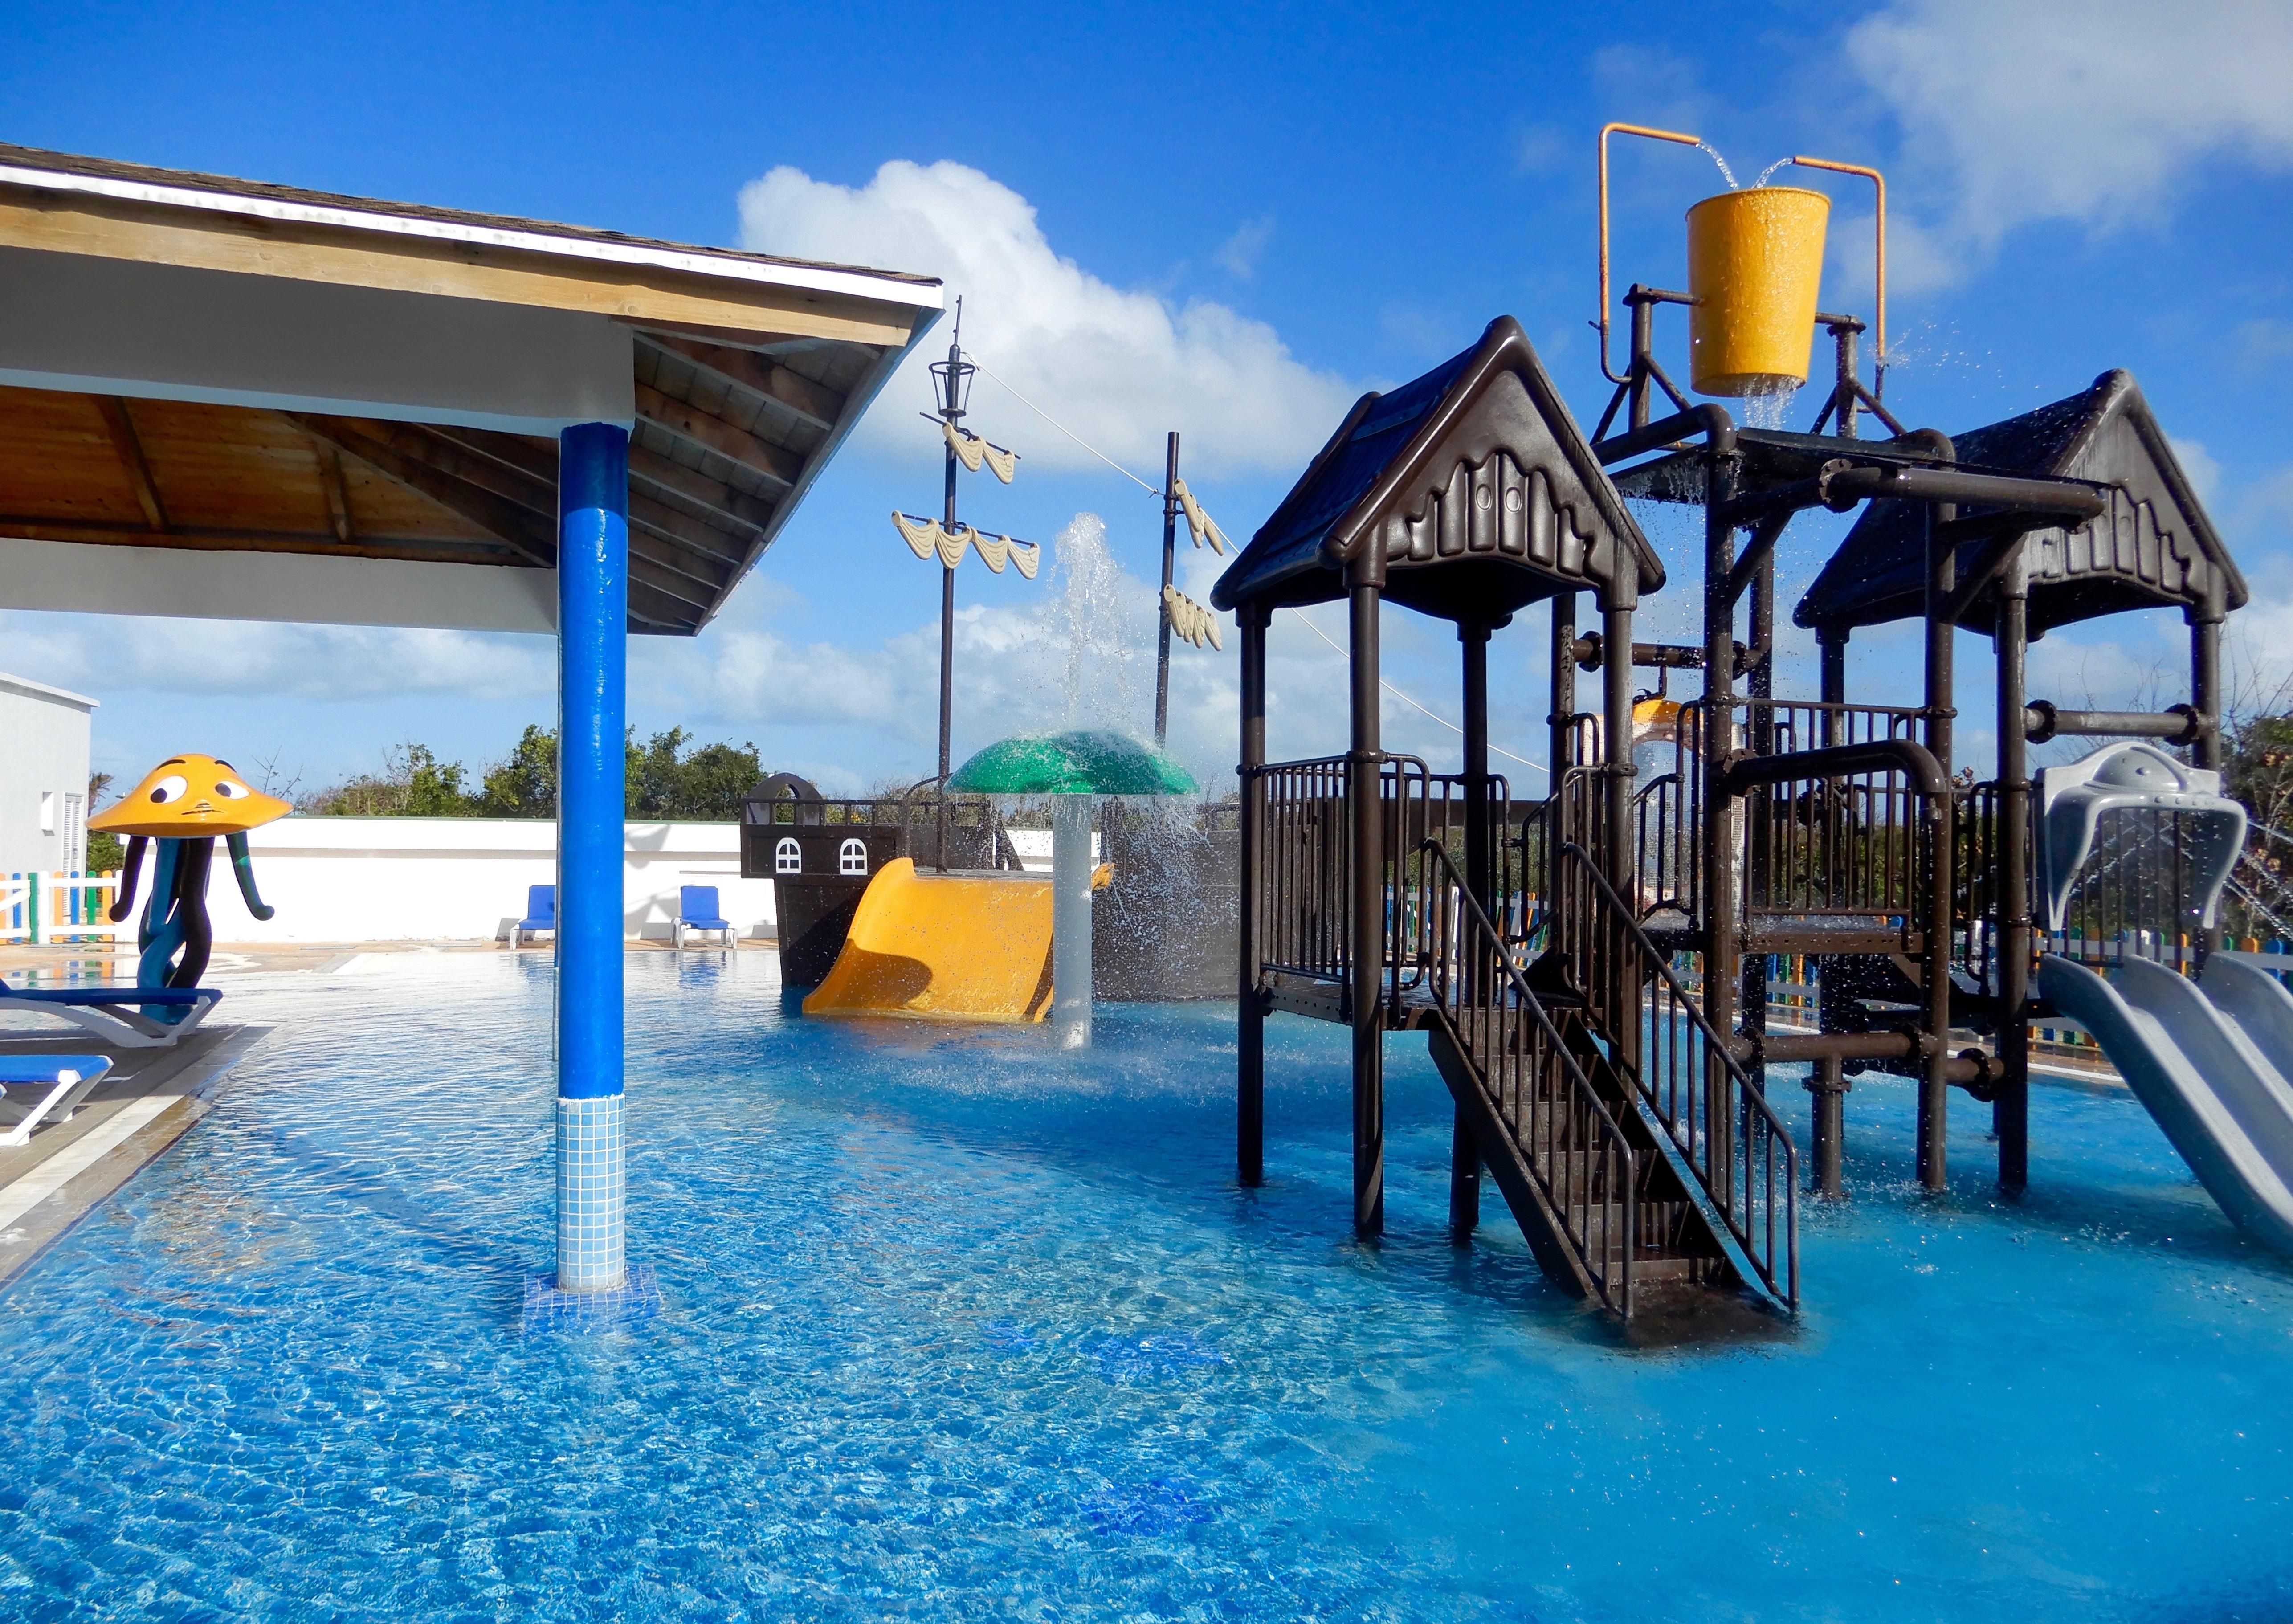 Le parc aquatique pour enfants.jpg